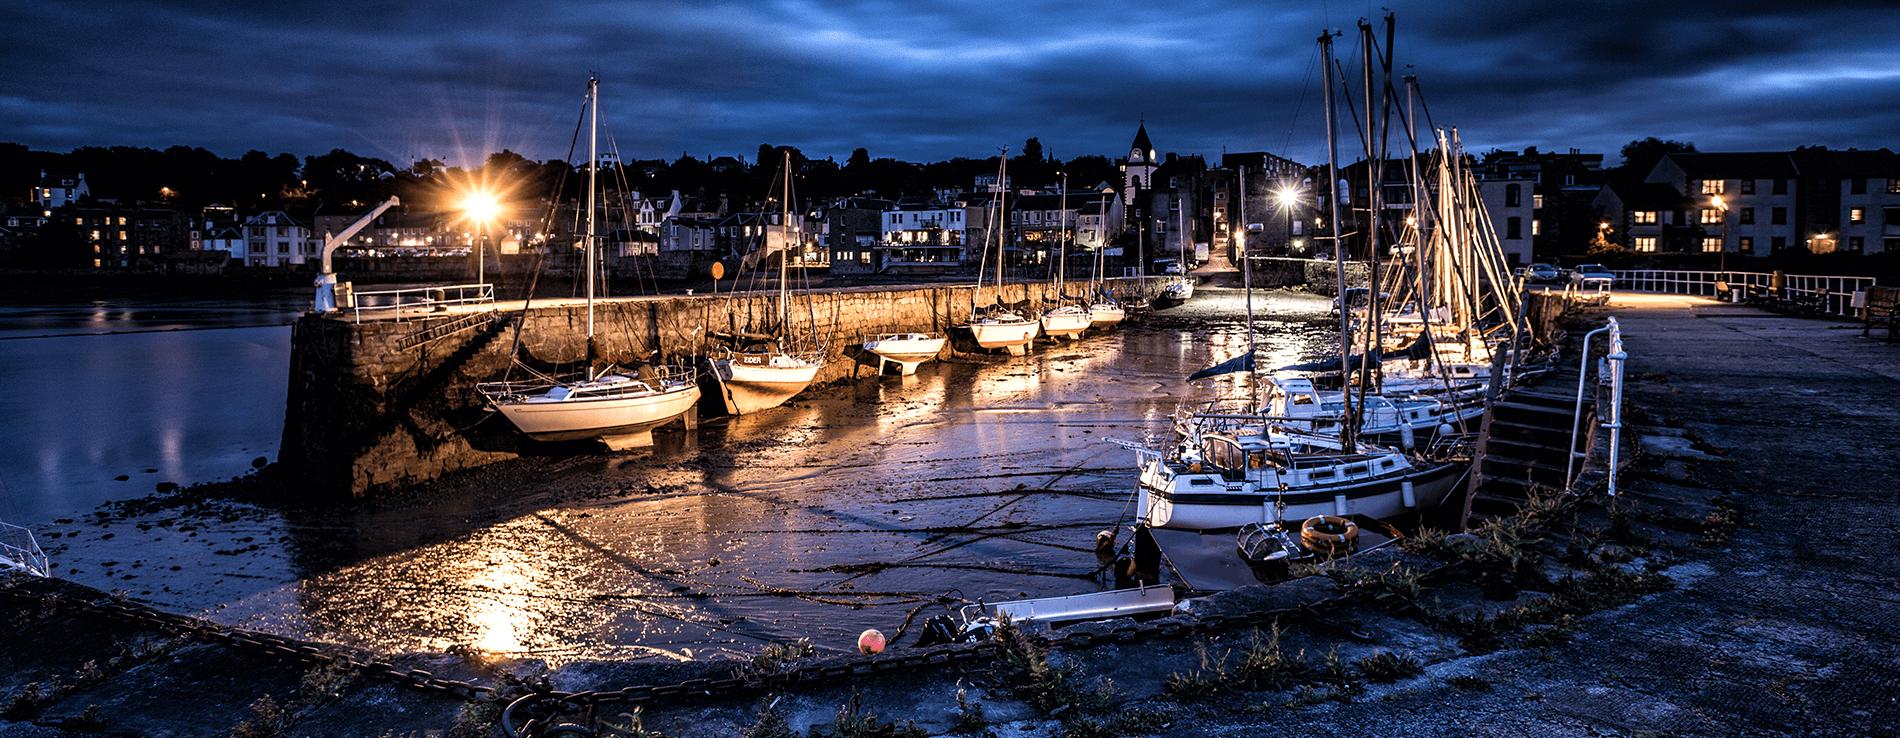 Harbour – © Steve Hume – stevehume@gmail.com